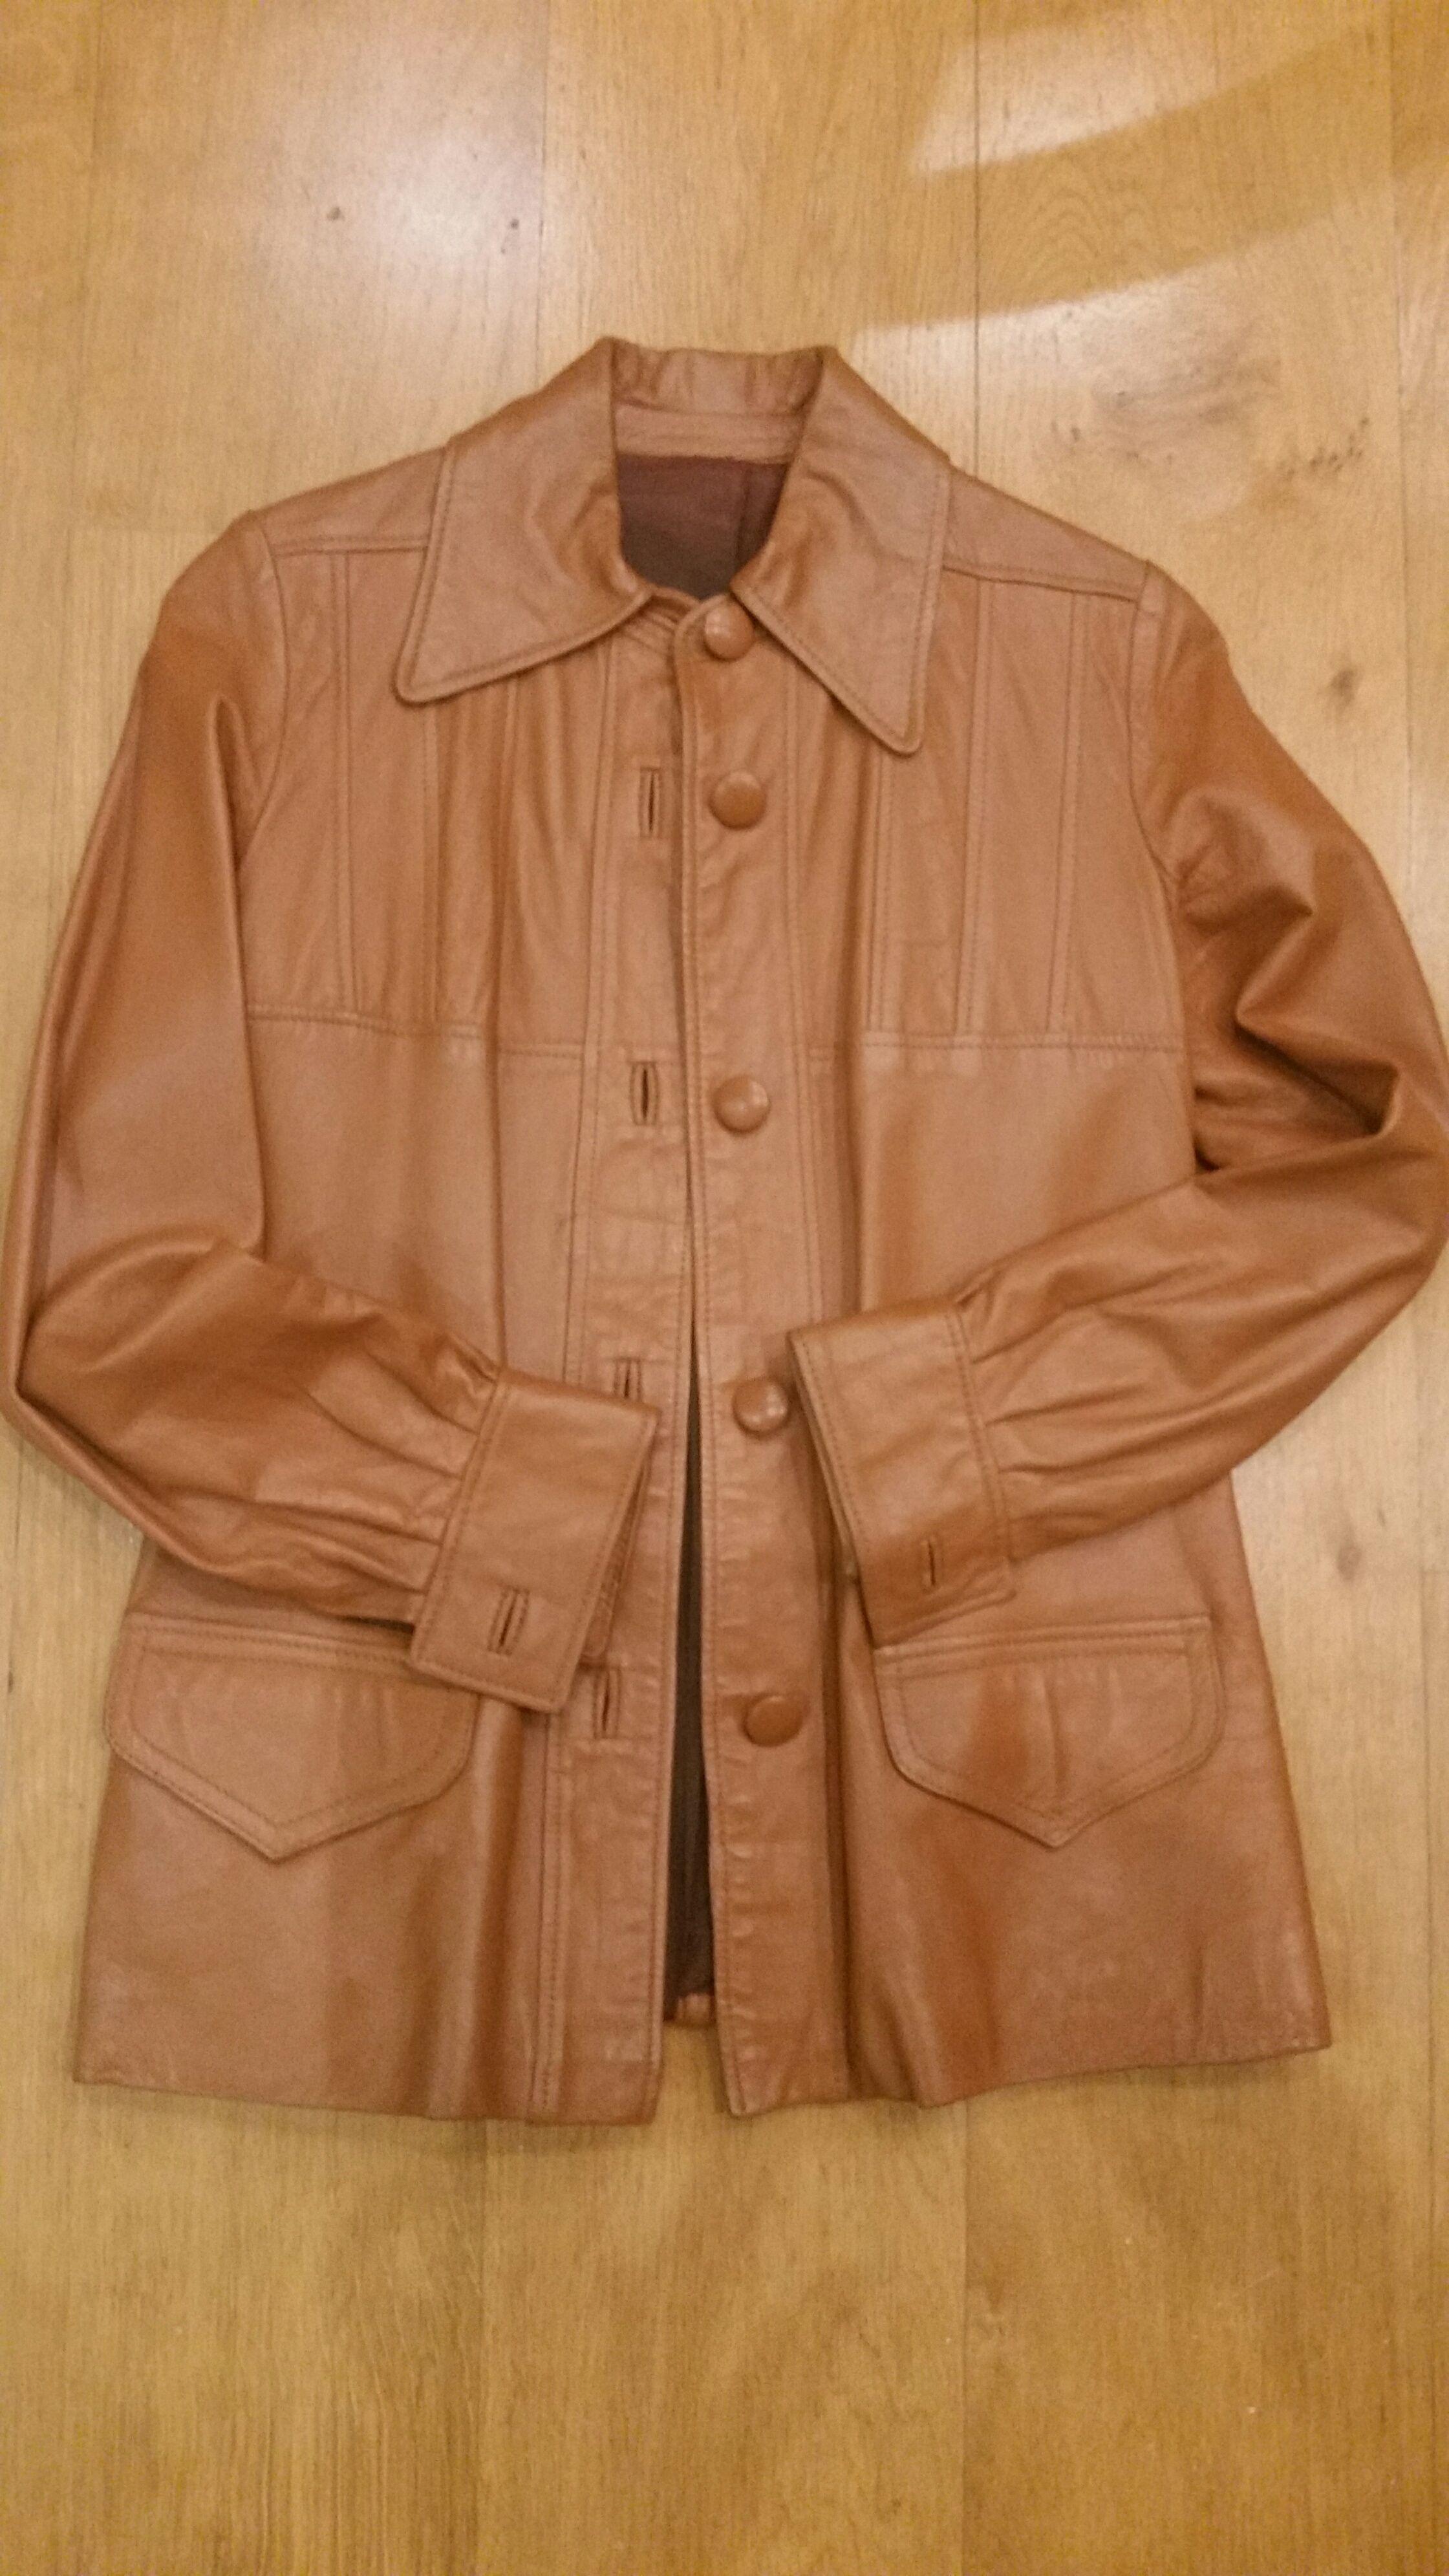 Veste en cuir couleur camel 90 Neuilly-Plaisance (93)